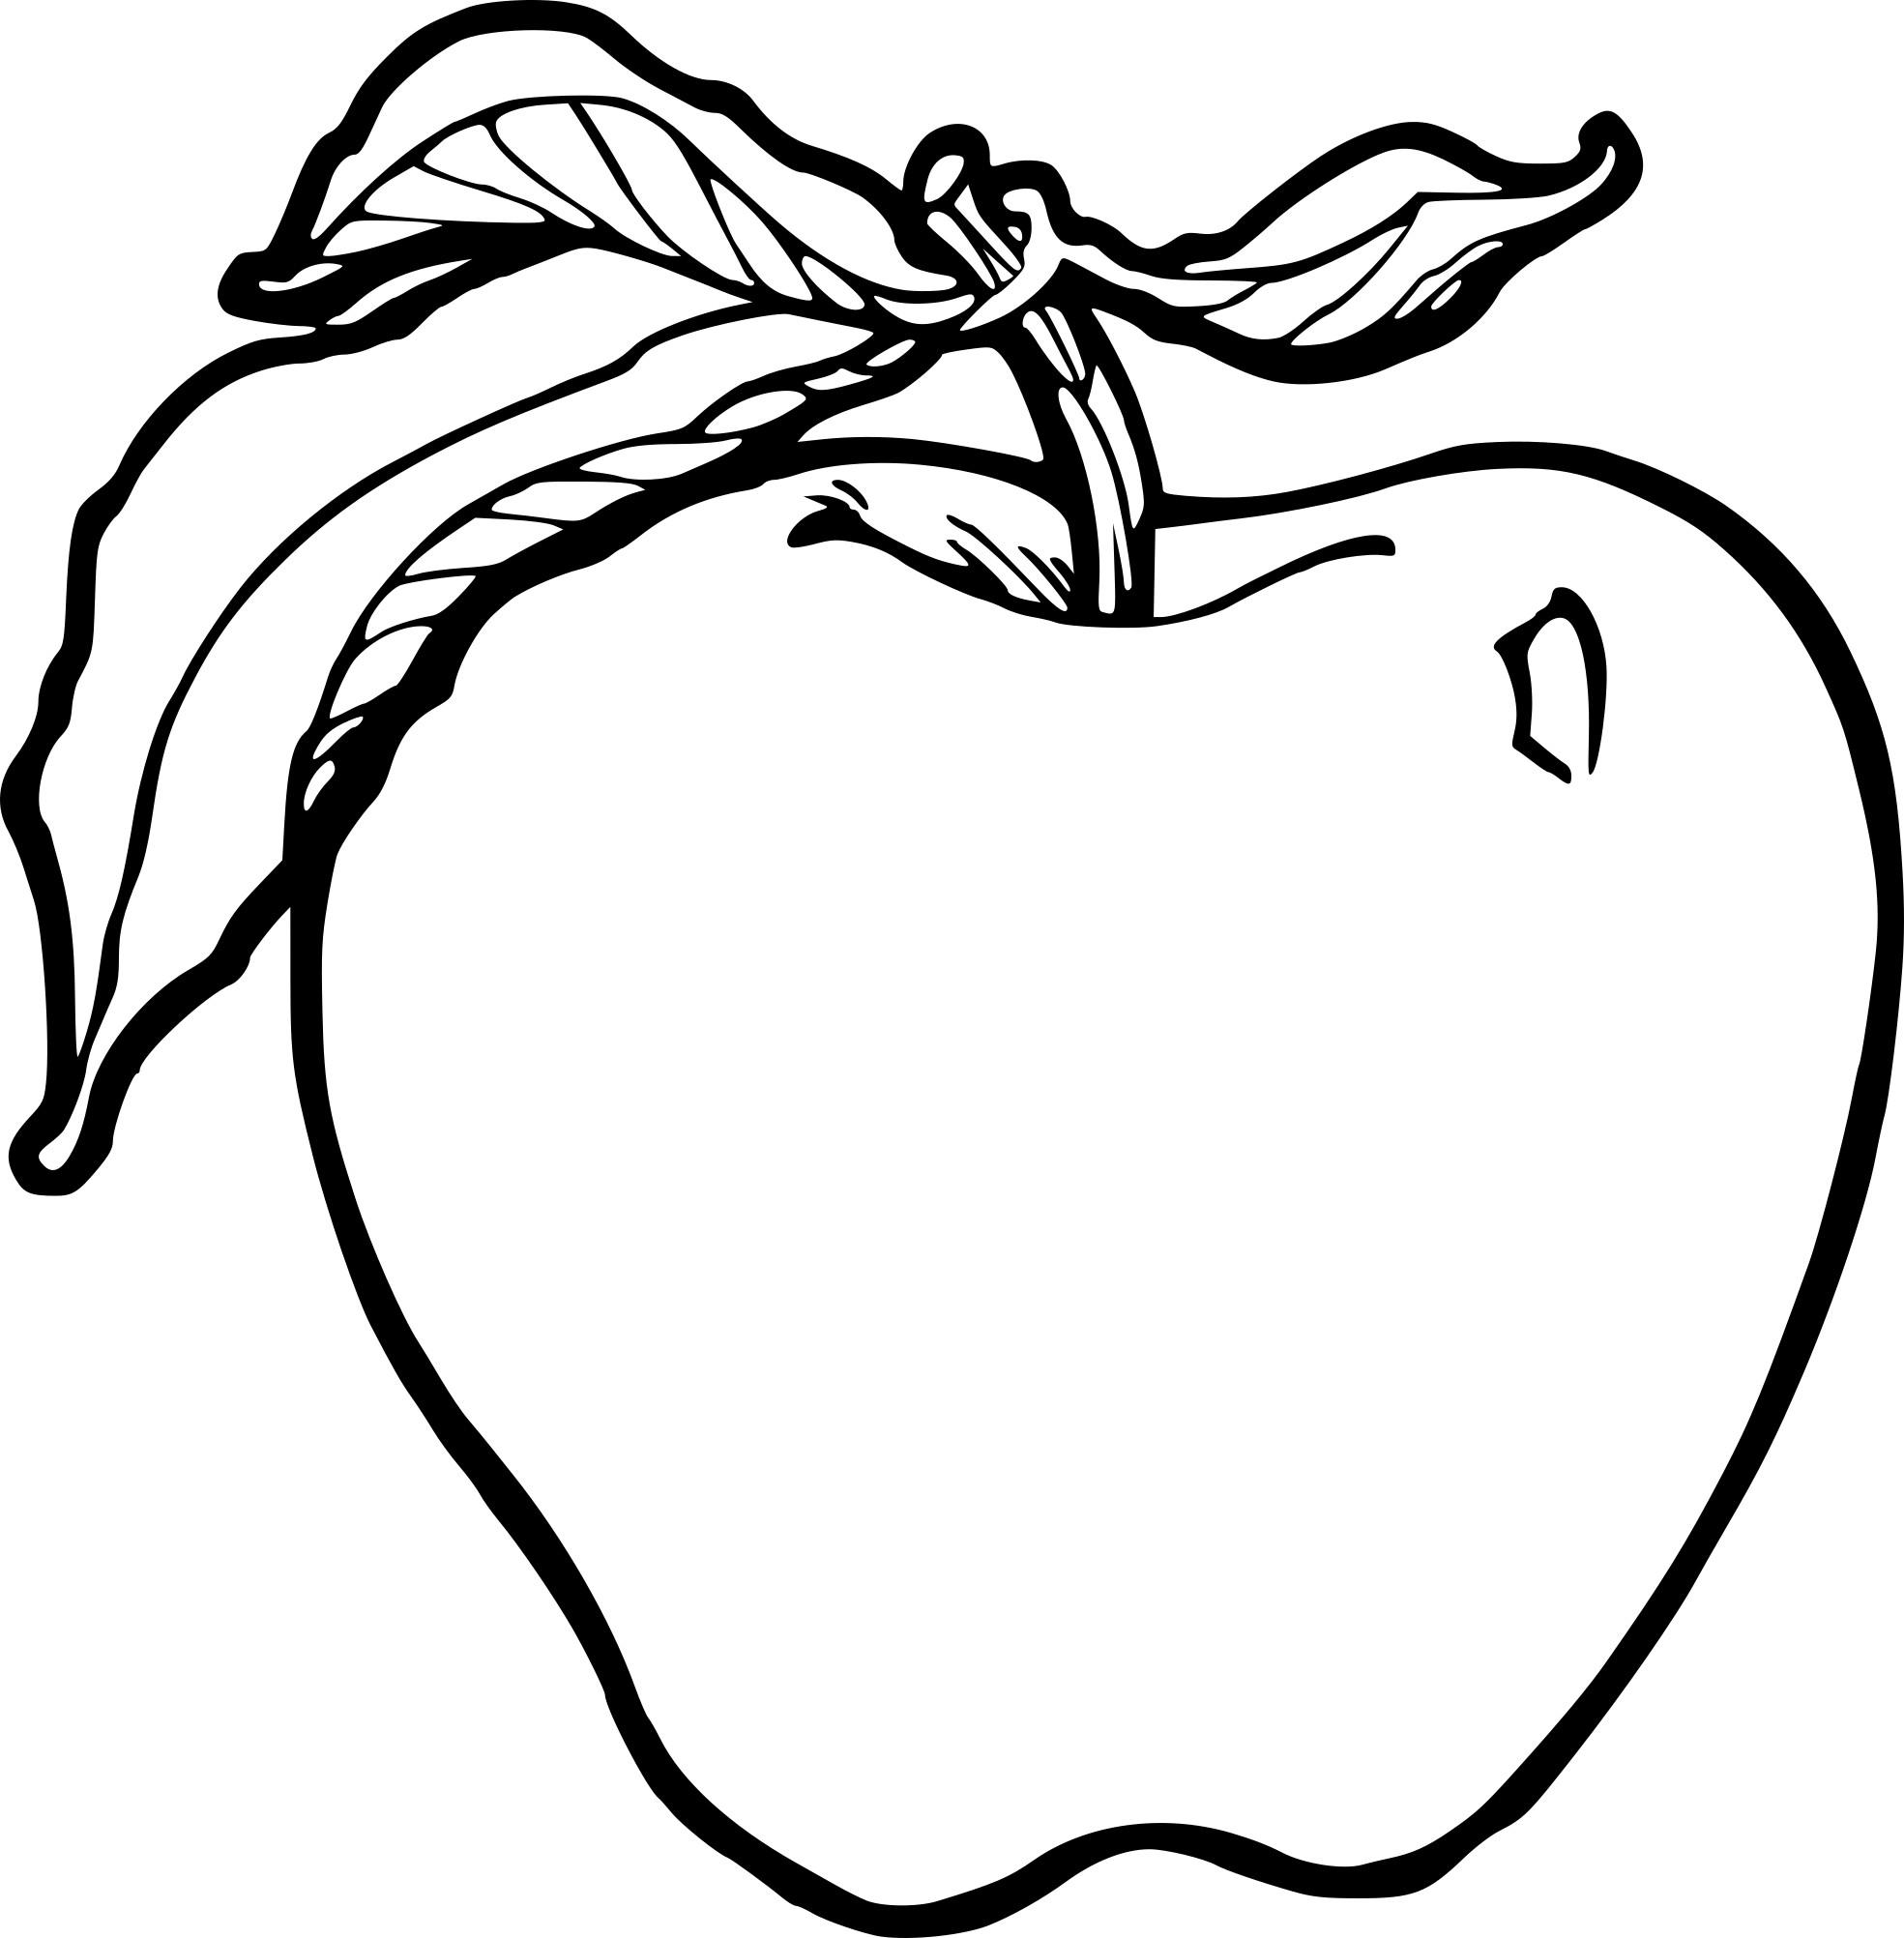 Coloriage la pomme imprimer - Dessin pomme apple ...